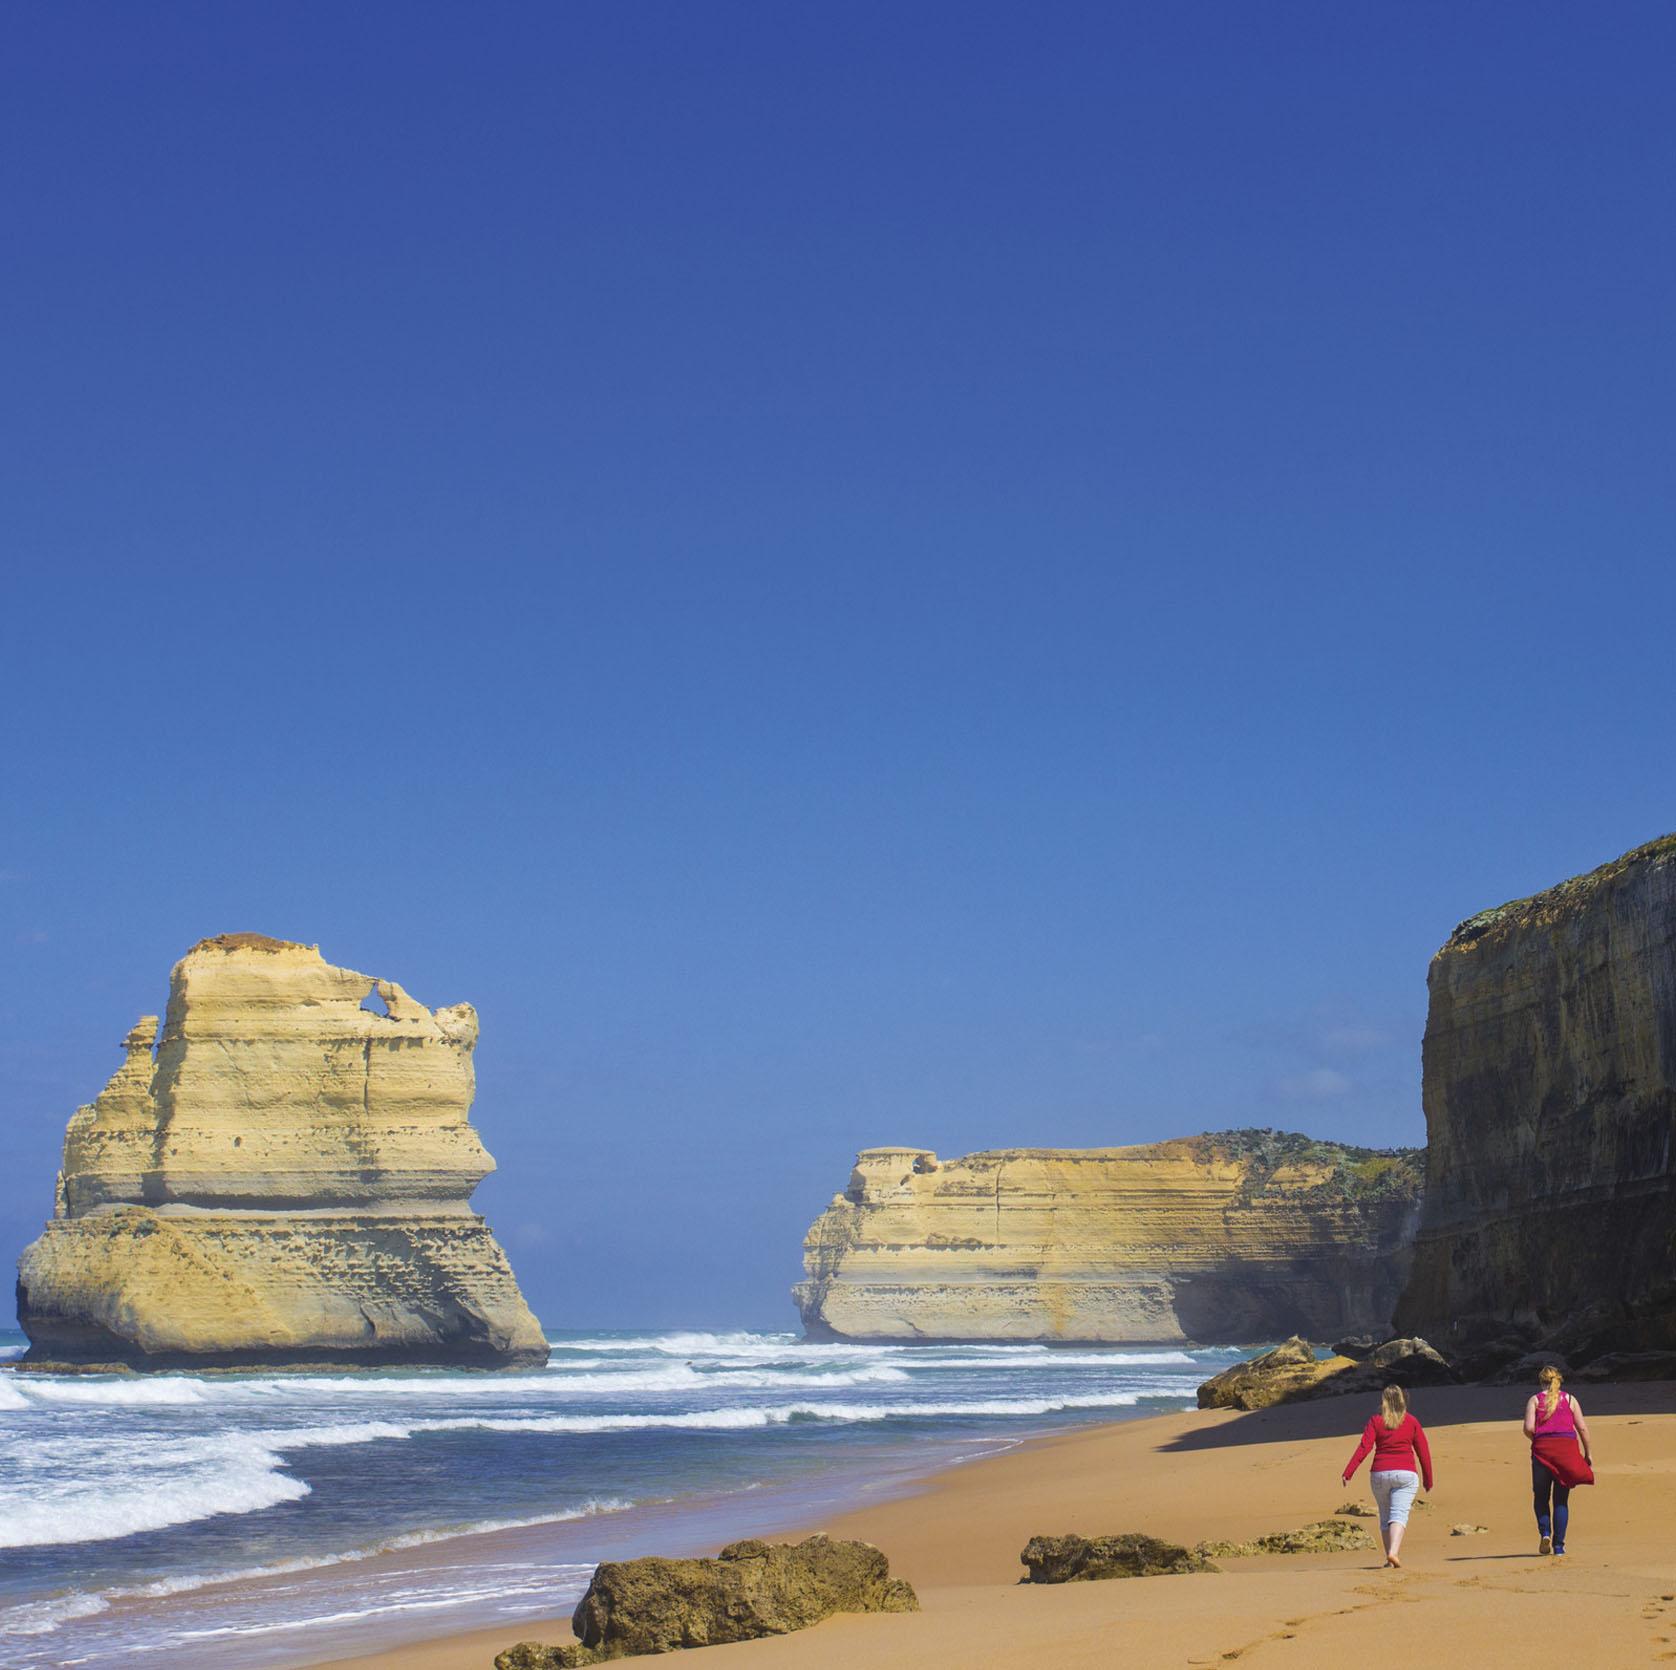 Los 12 Apóstoles - Viaje a Australia del sur